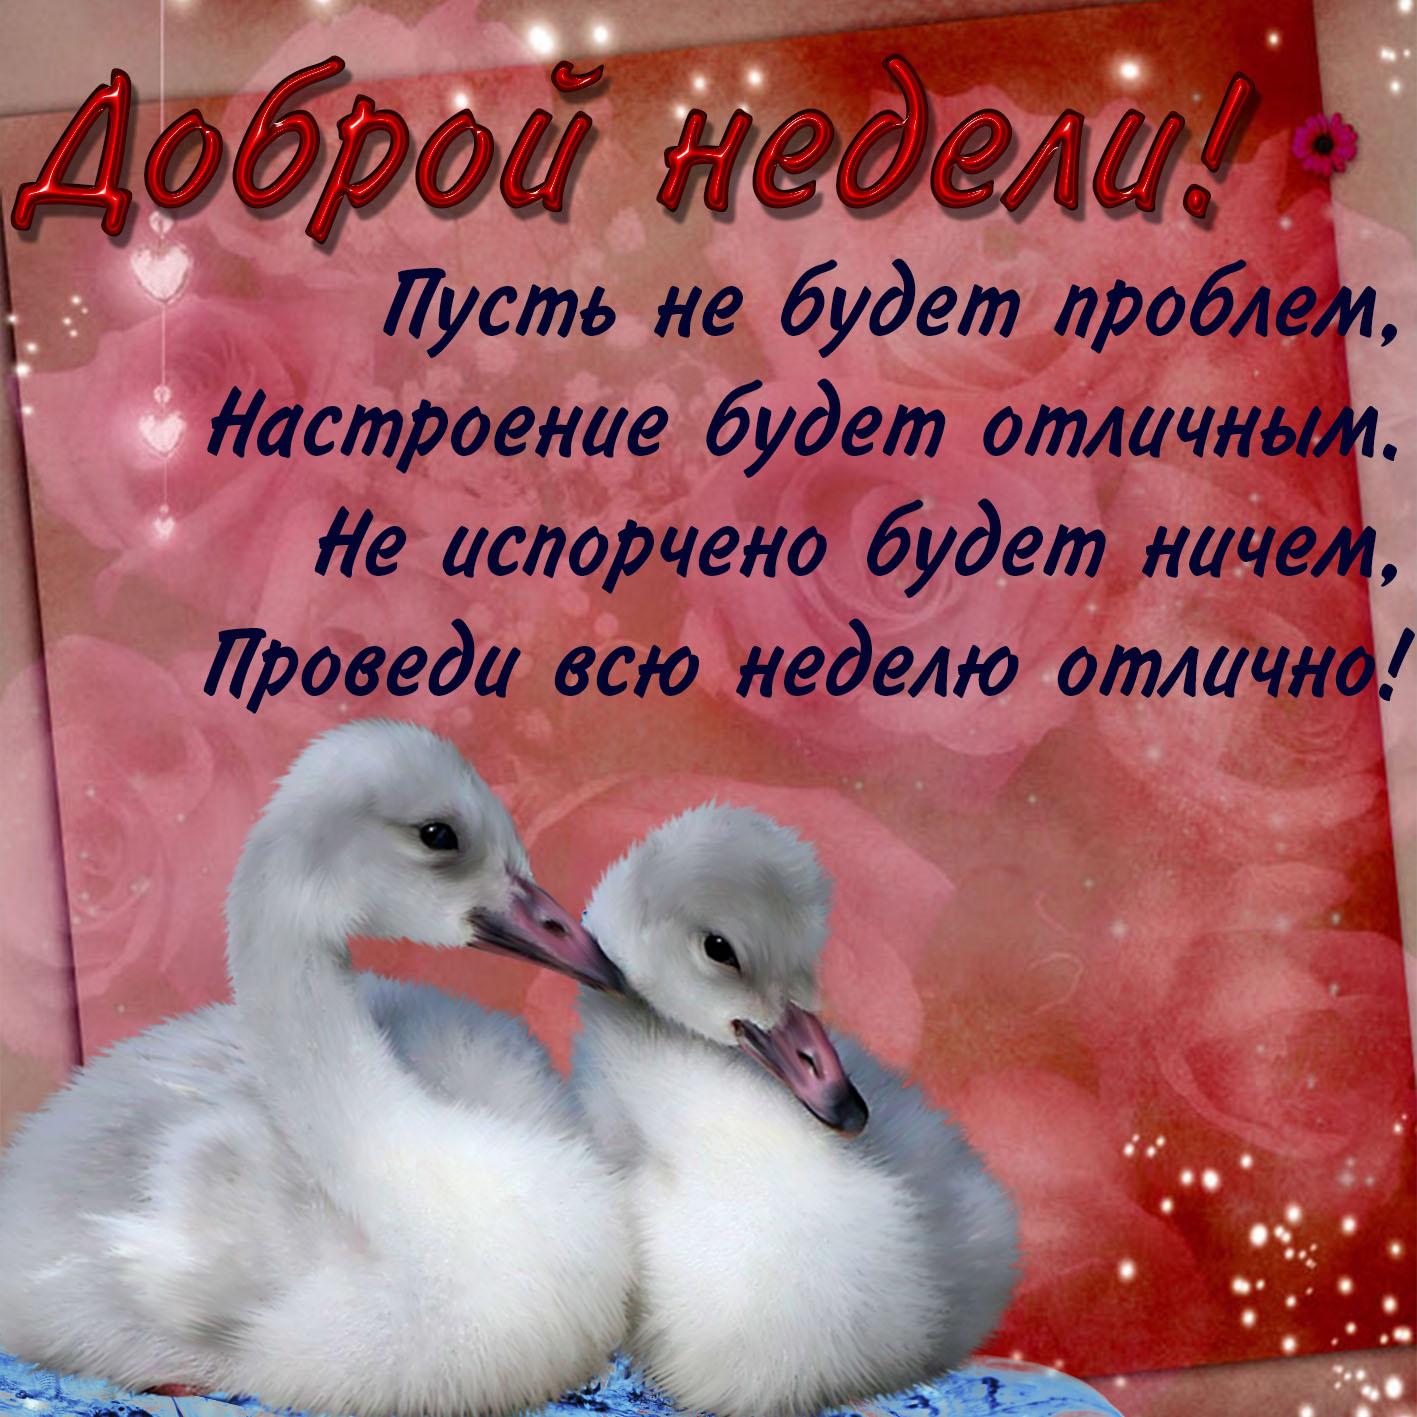 Милая картинка доброй недели с птичками